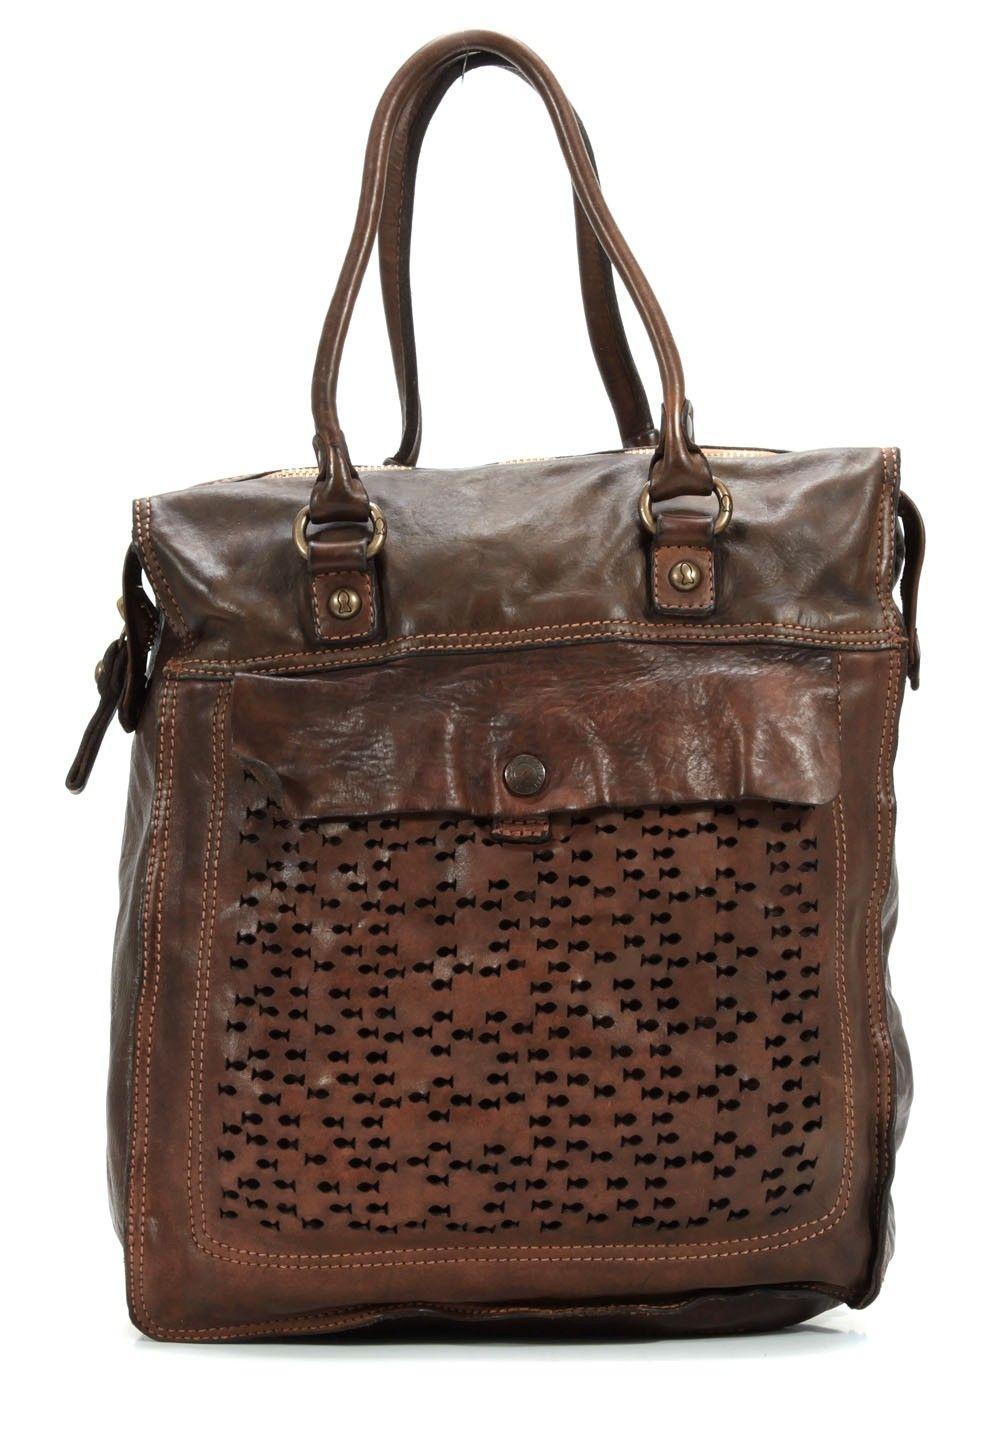 Tasche von Campomaggi, Lavata Shopper Leder